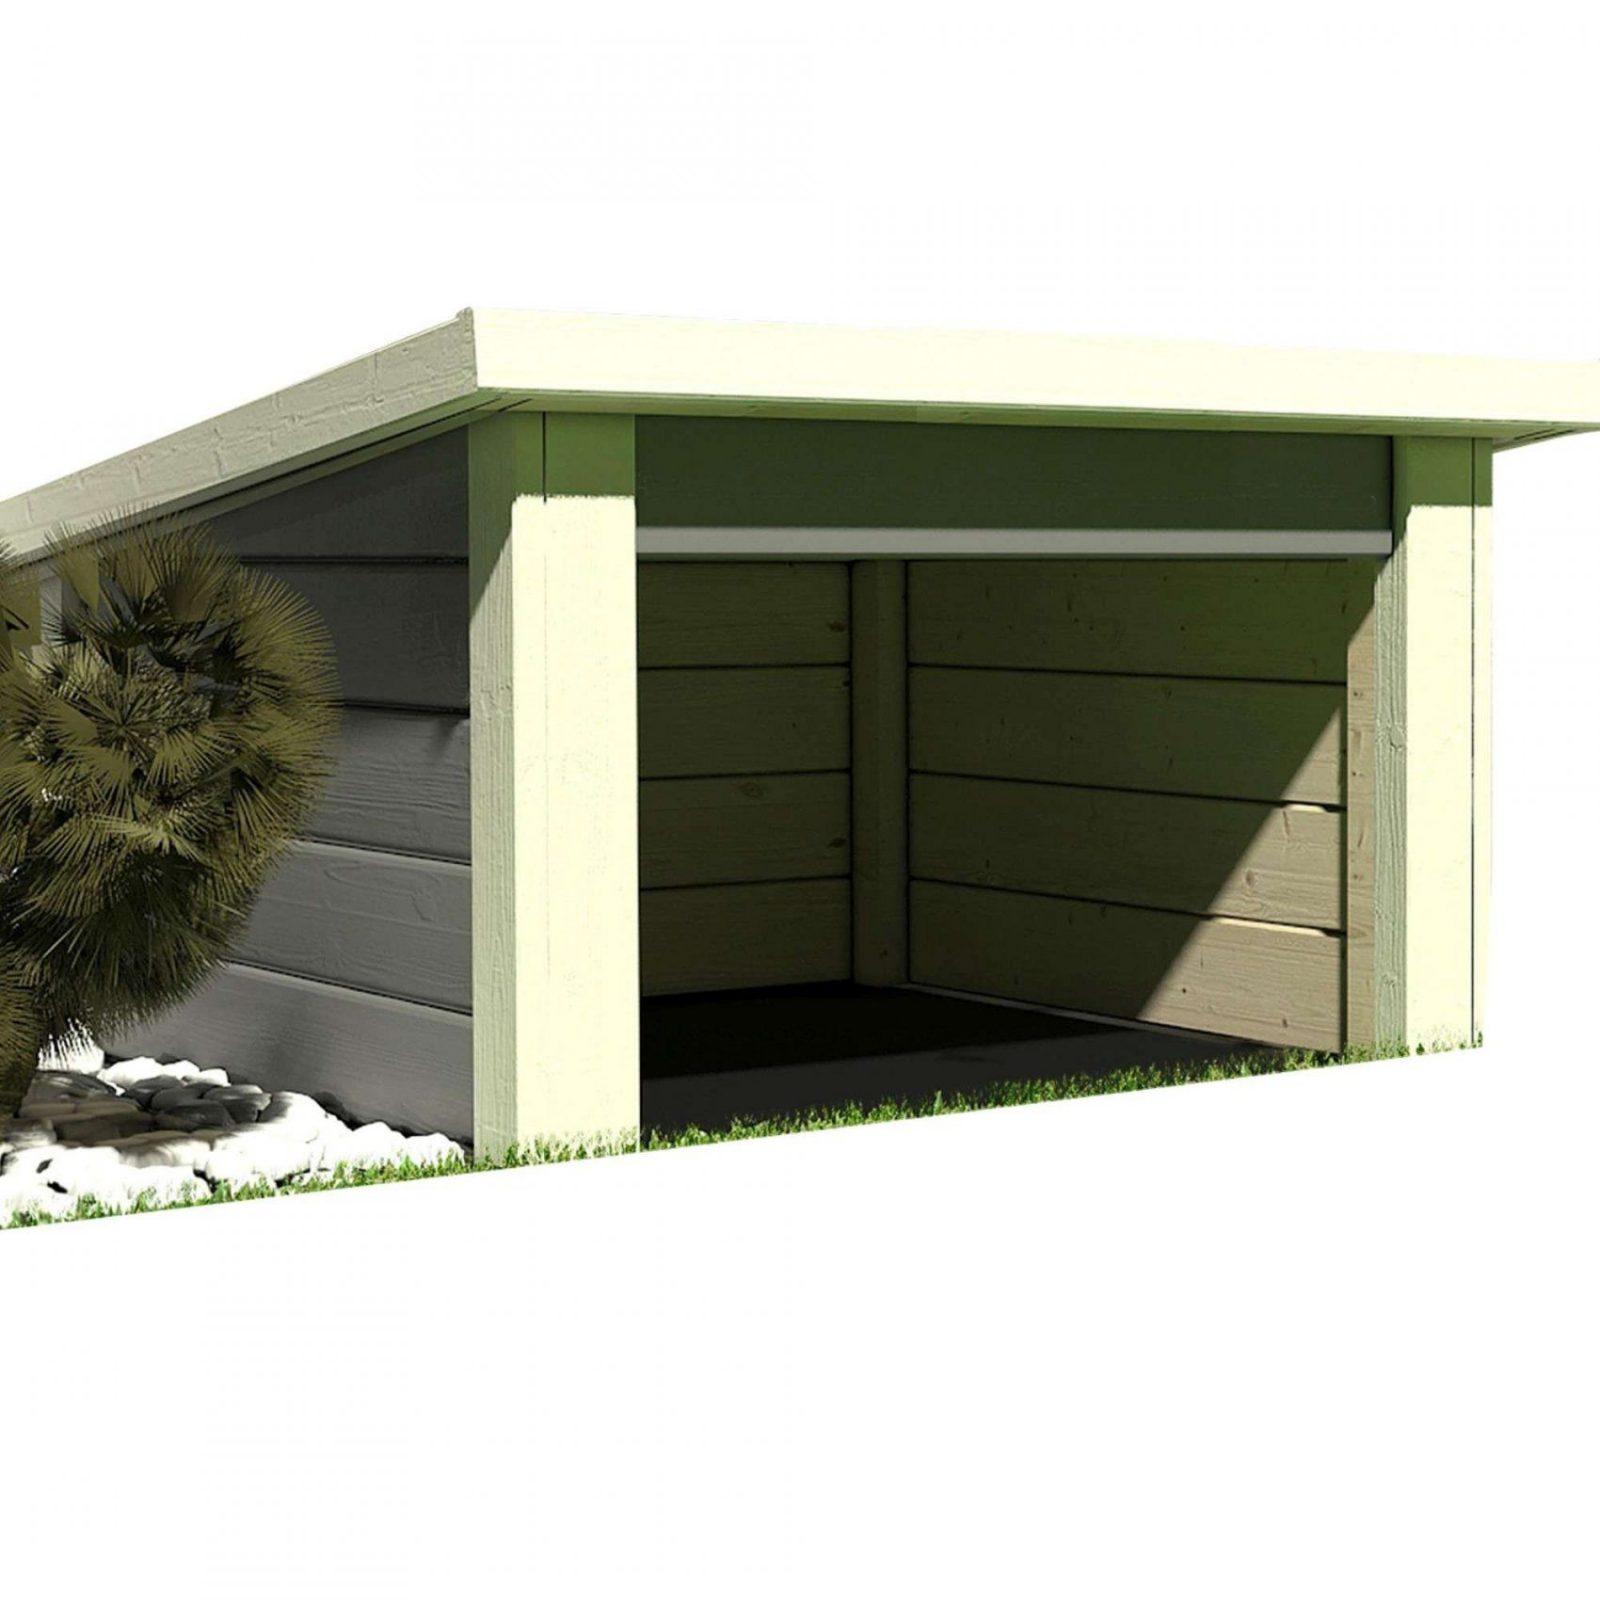 Garage Selber Bauen Cool Foto Oben Garage Selber Bauen Mhroboter von Pultdach Garage Selber Bauen Bild